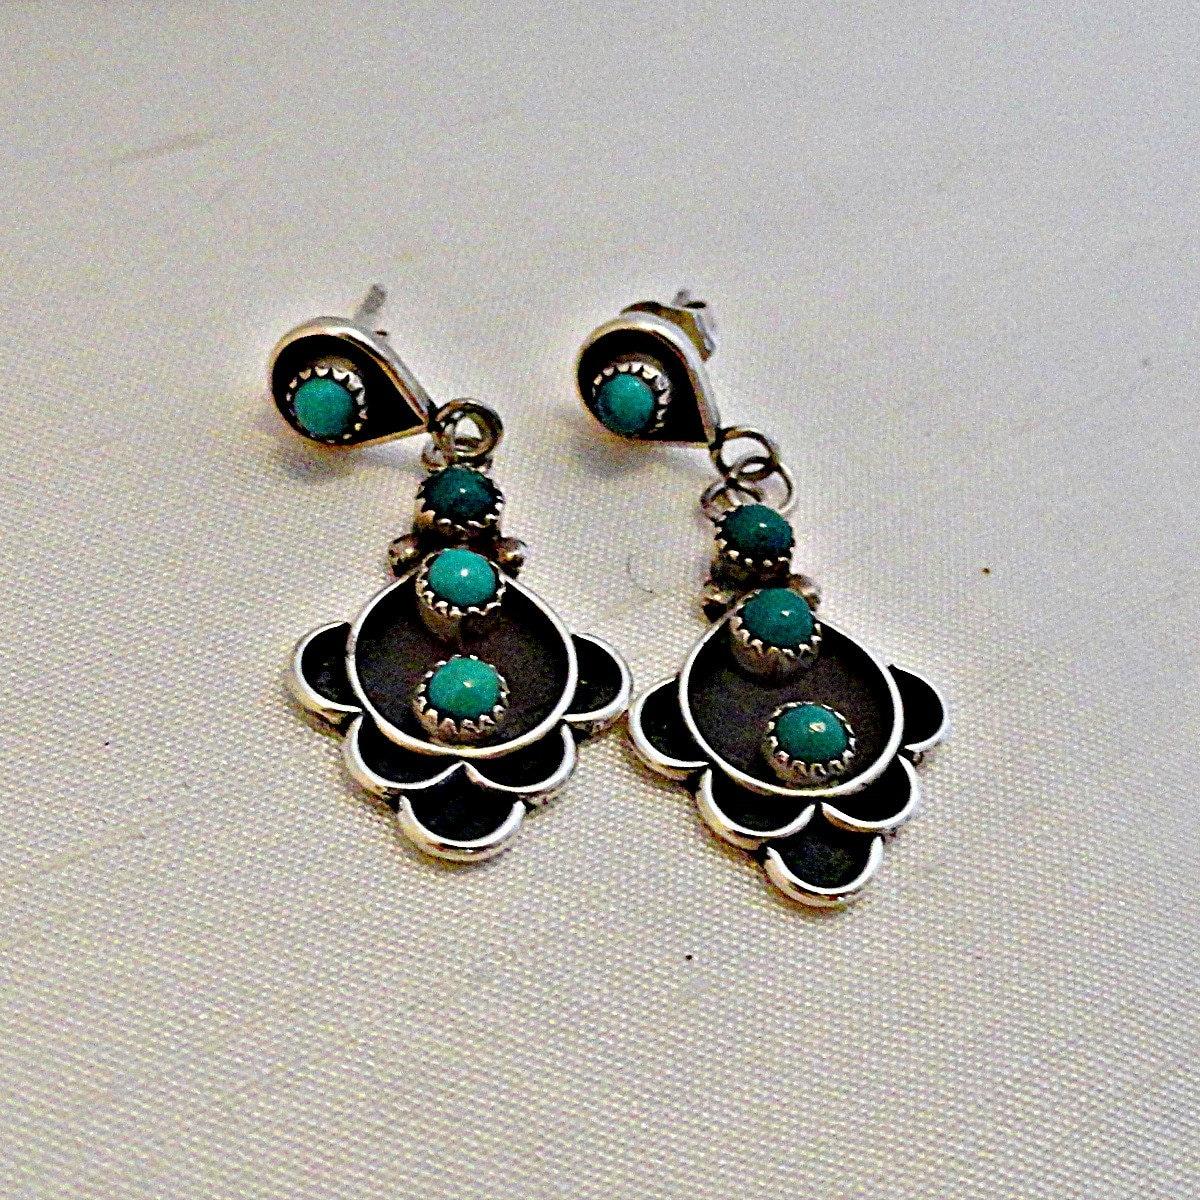 Zuni Earrings: Native American Earrings:Zuni Earrings Turquoise Sterling